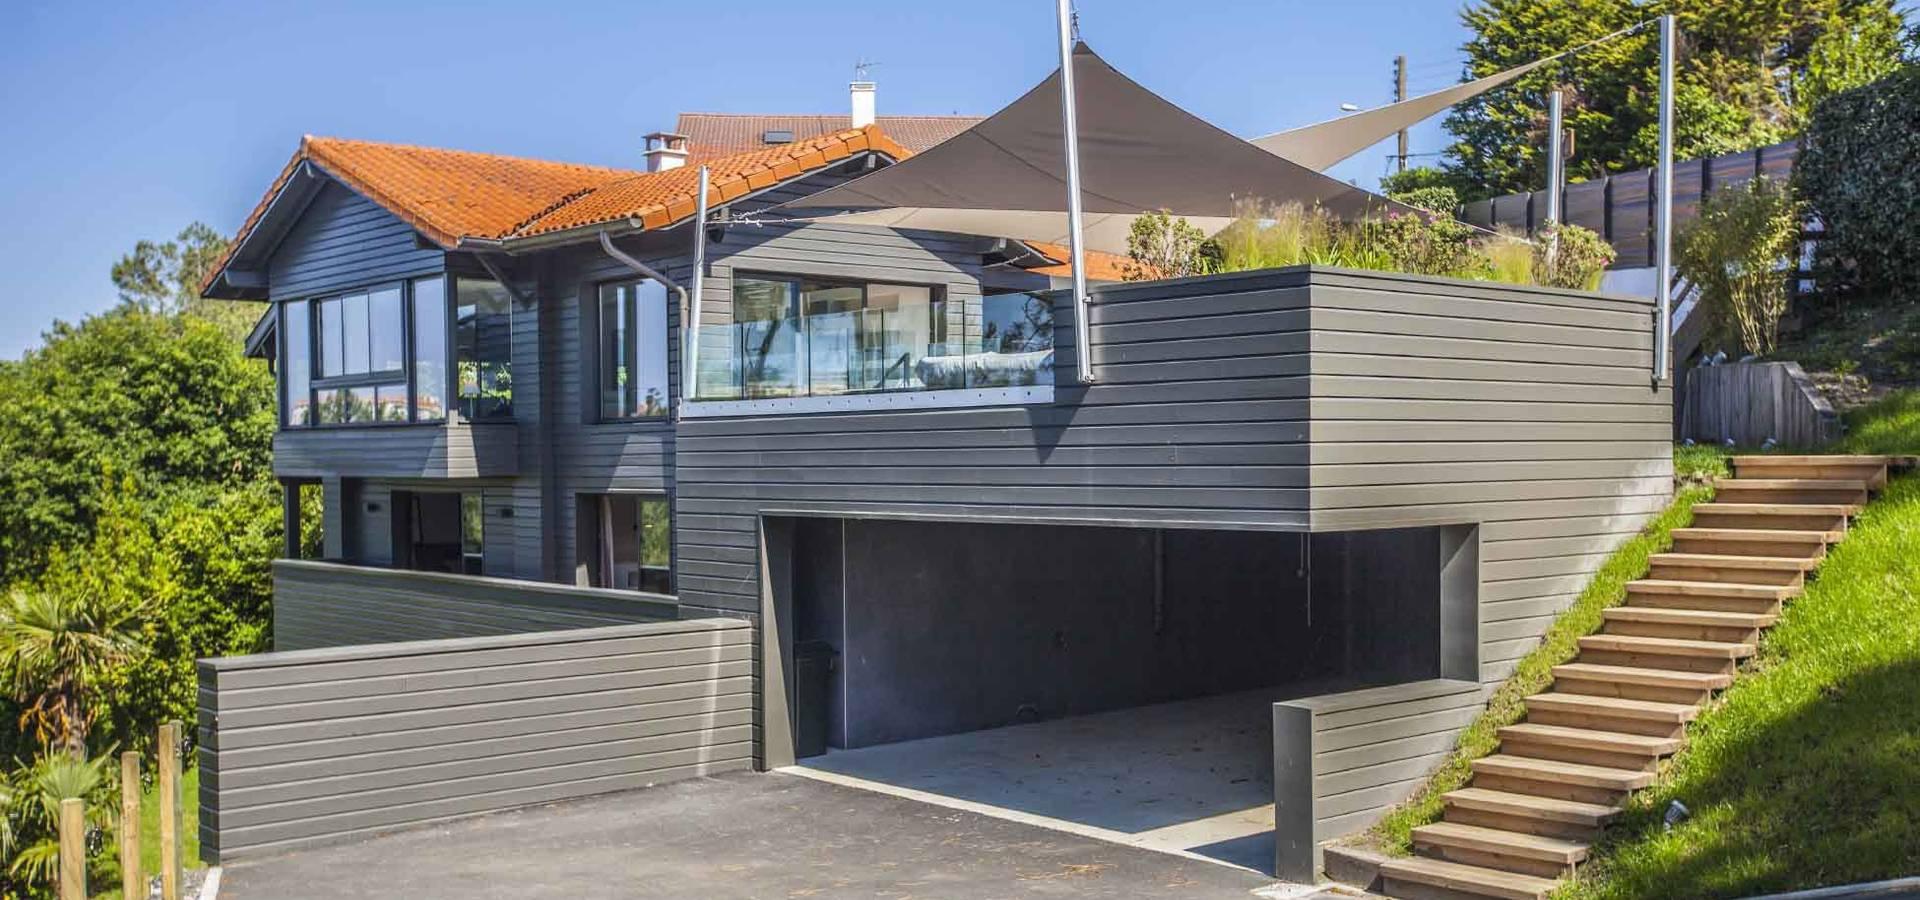 voiles d 39 ombrage et canap outdoor biarritz de la maison ehia homify. Black Bedroom Furniture Sets. Home Design Ideas